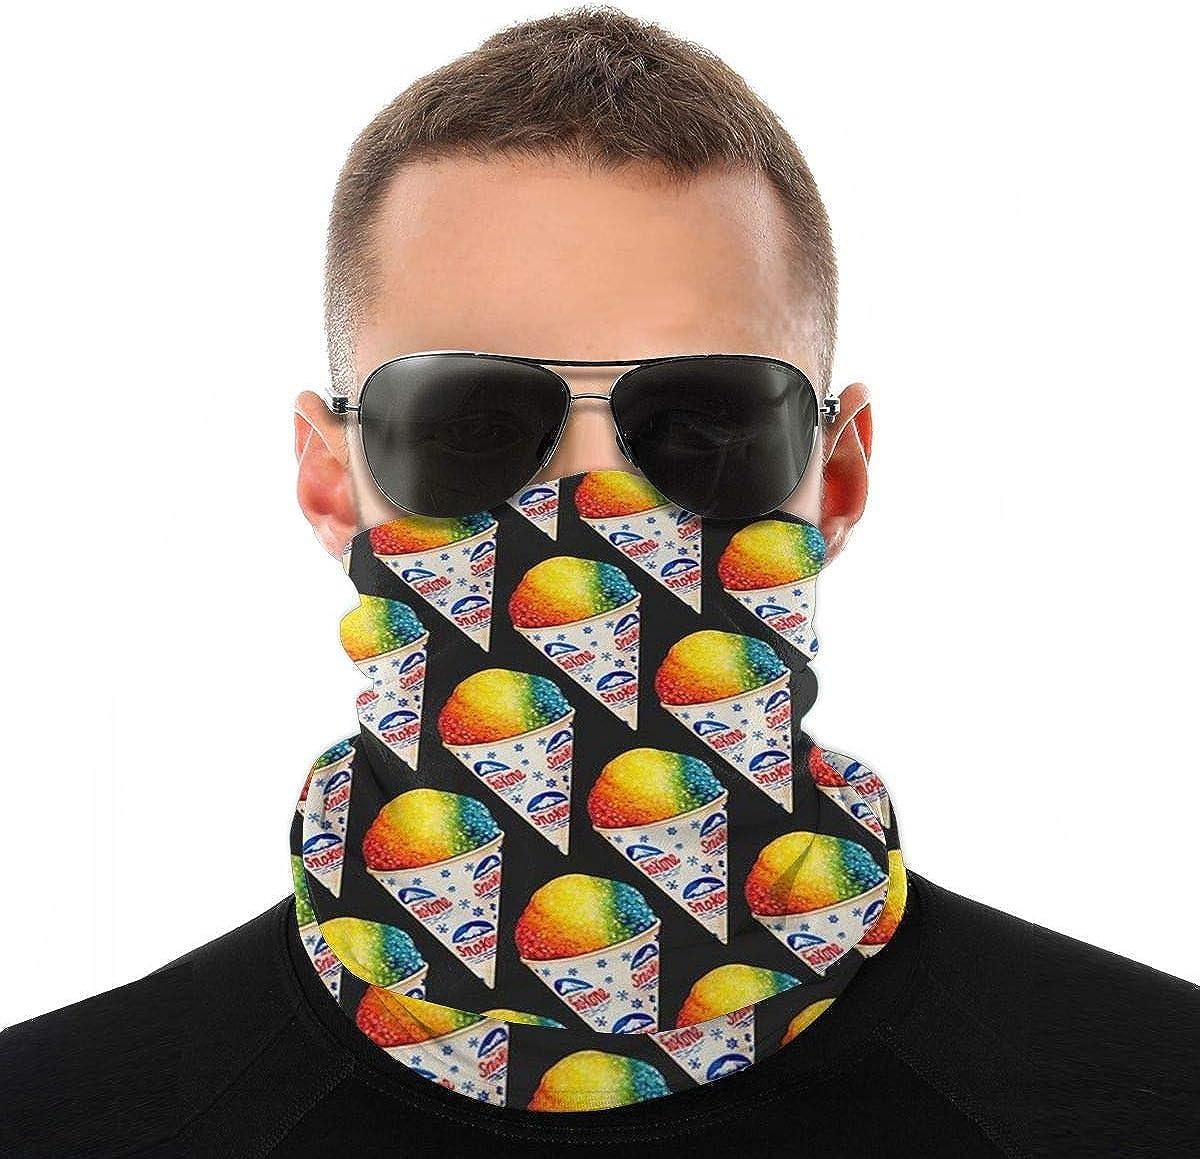 Dasoc Snow Cone Pizza.Jpg Bandana Unisex Cuello Manguito Protección facial Bufanda Protección solar UV Polvo A prueba de viento Sombreros para exteriores